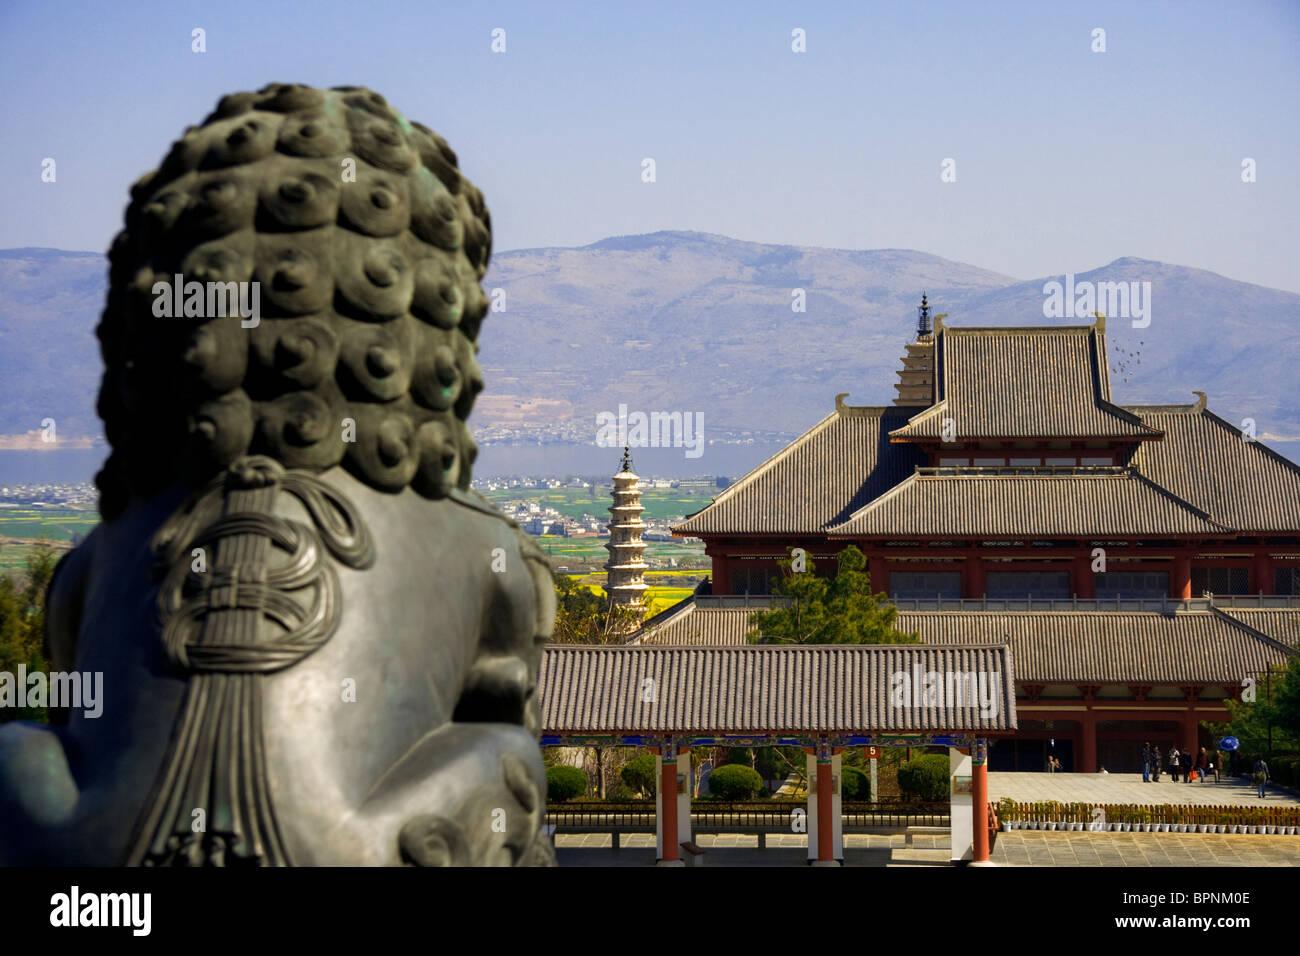 Briefmarken Zielsetzung Briefmarke Asia Yunnanfou Yunnansen Nr.14 Neu Mh China China ¤¤¤ Vietnam